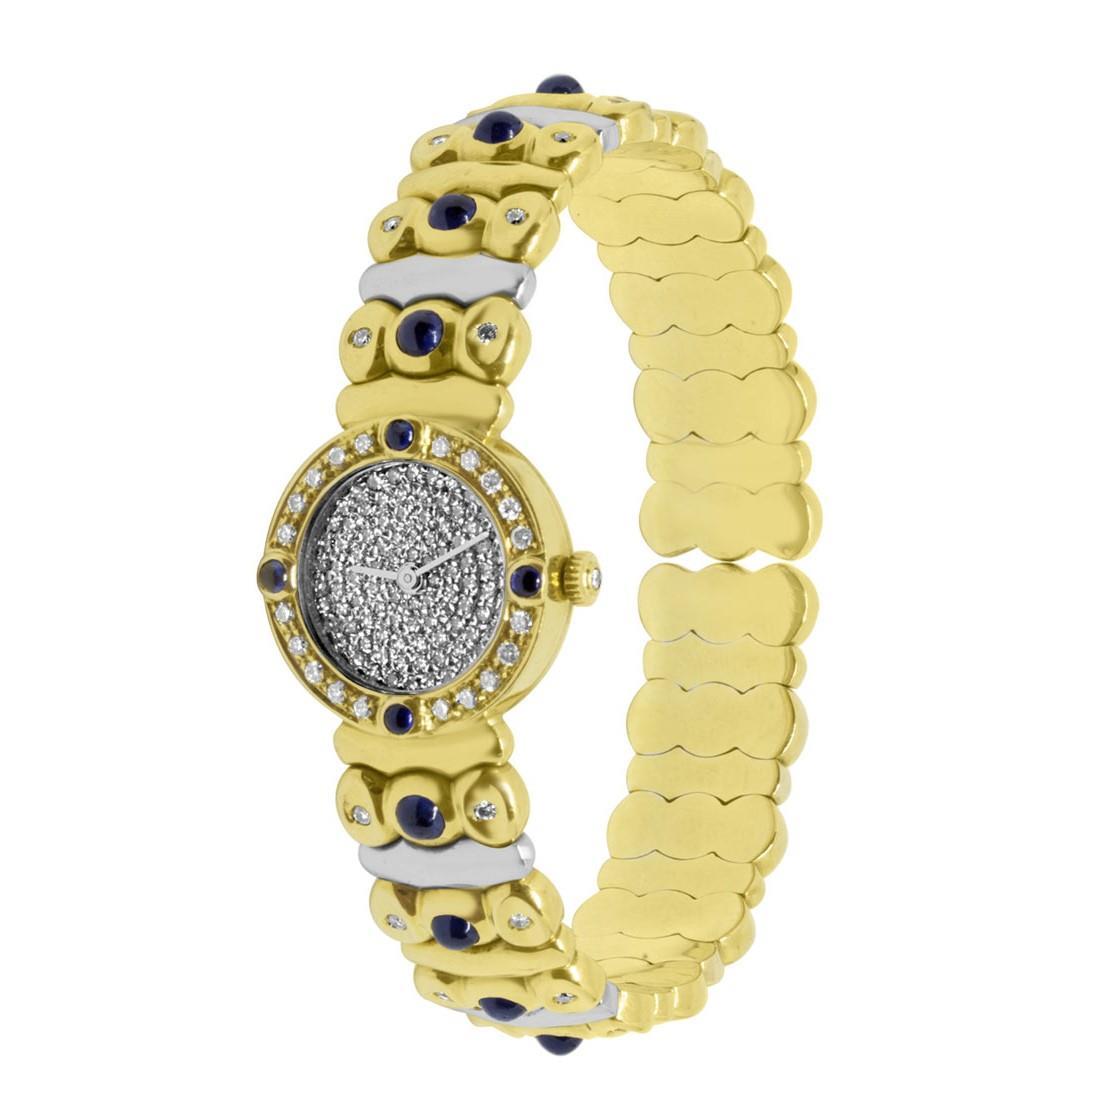 Orologio in oro giallo e bianco con pietre bianche e blu - ORO&CO